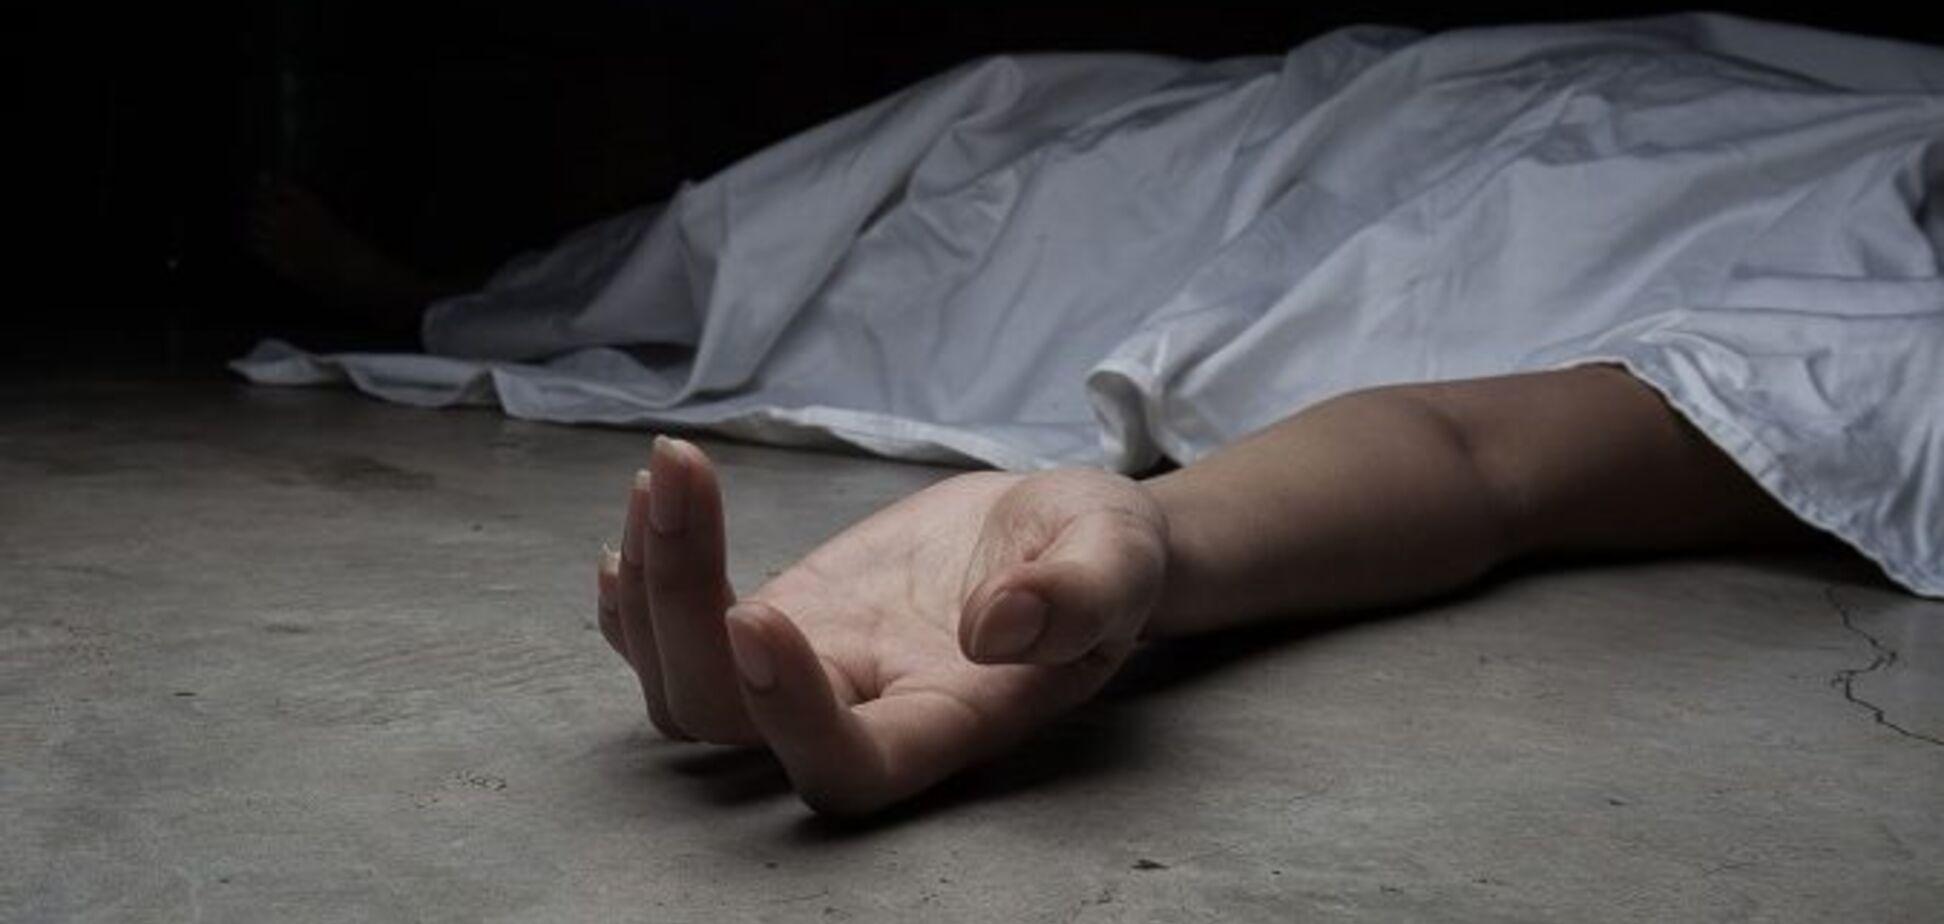 Поліція просить впізнати жертву ДТП в Дніпрі. Фото 18+